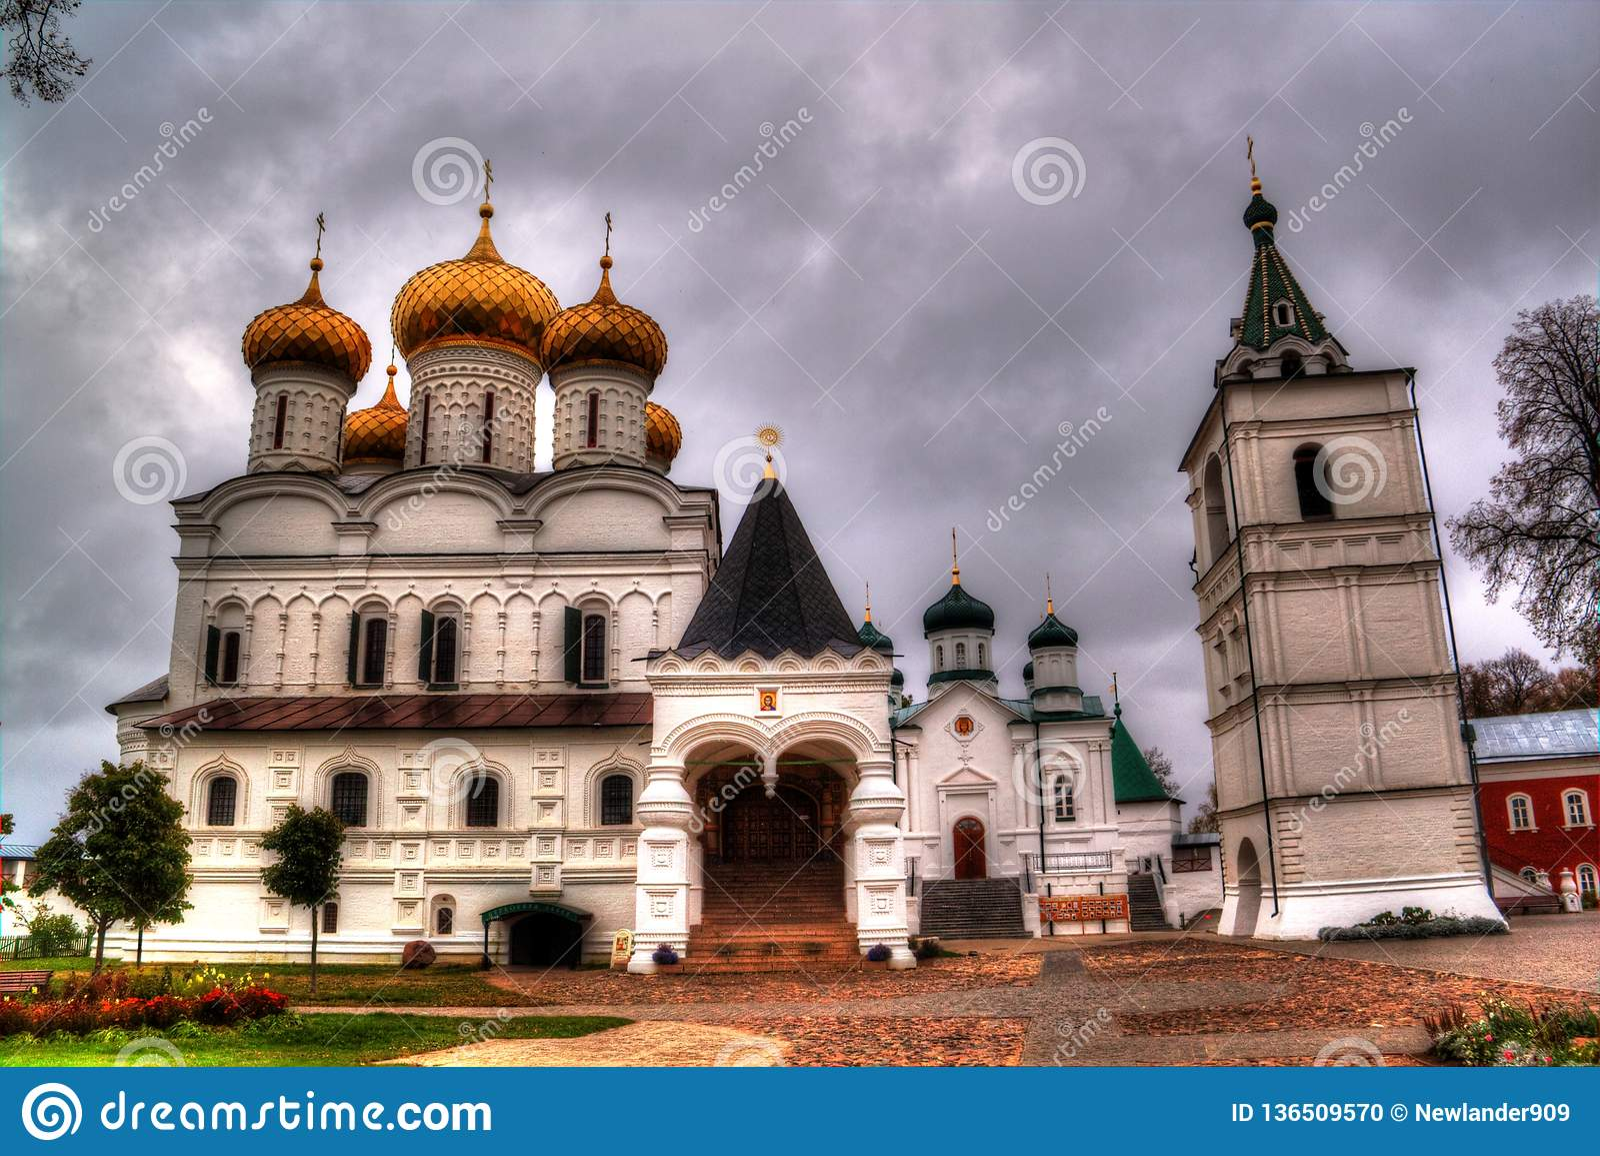 Das Ipatiev-Kloster der Heiligen Dreifaltigkeit in Kostroma, Russland